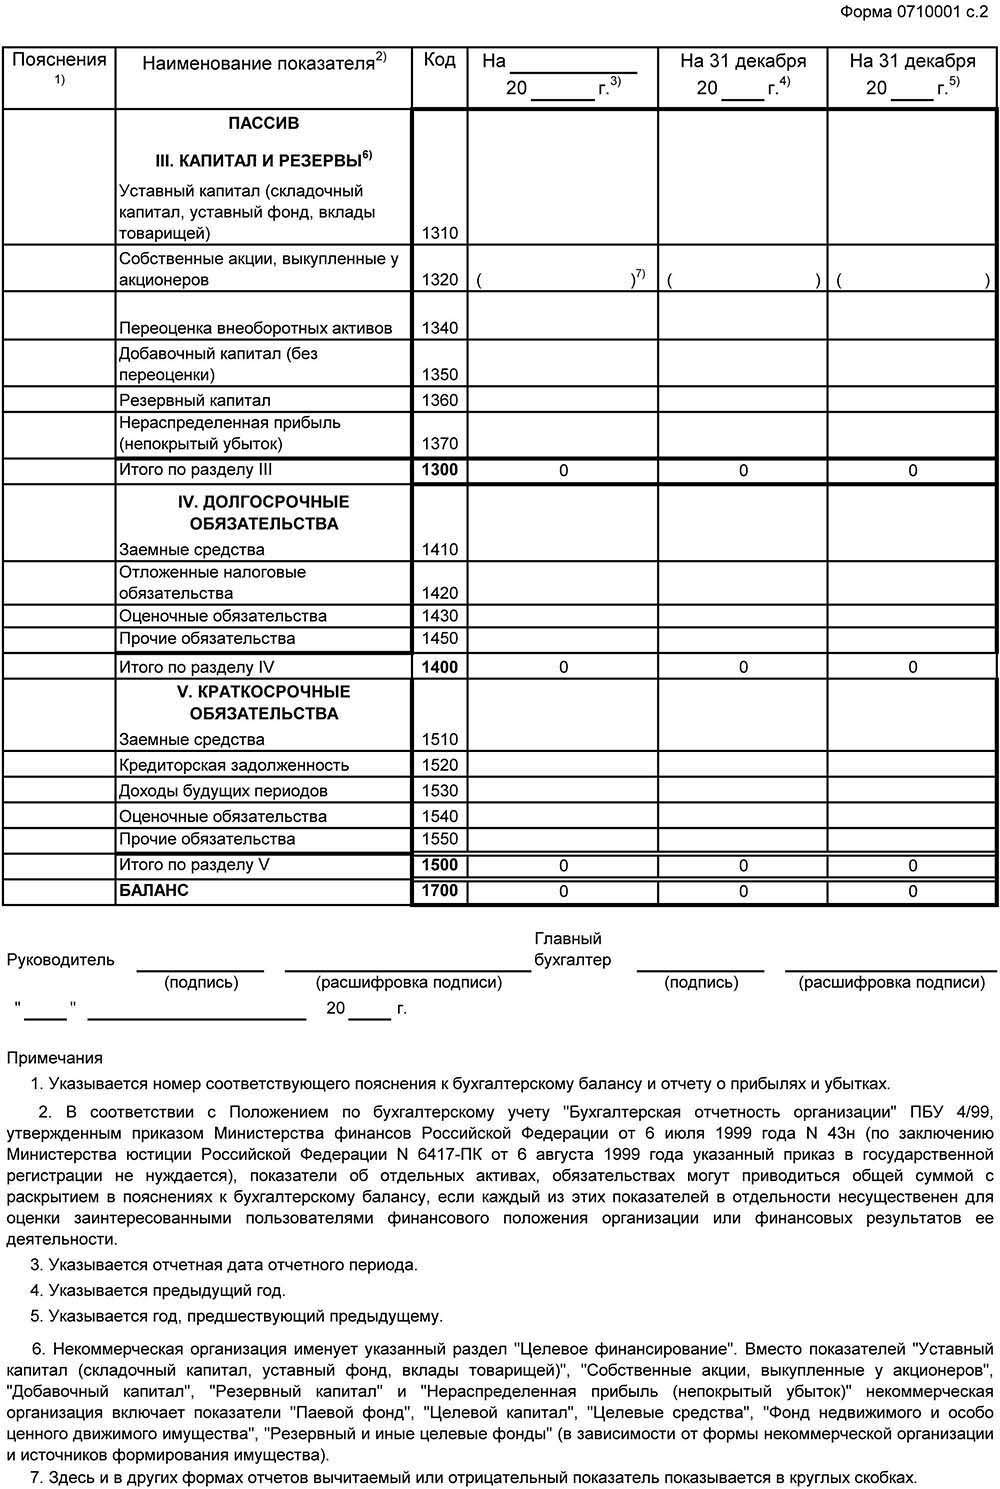 инструкция и образец заполнения формы 1-т 2012